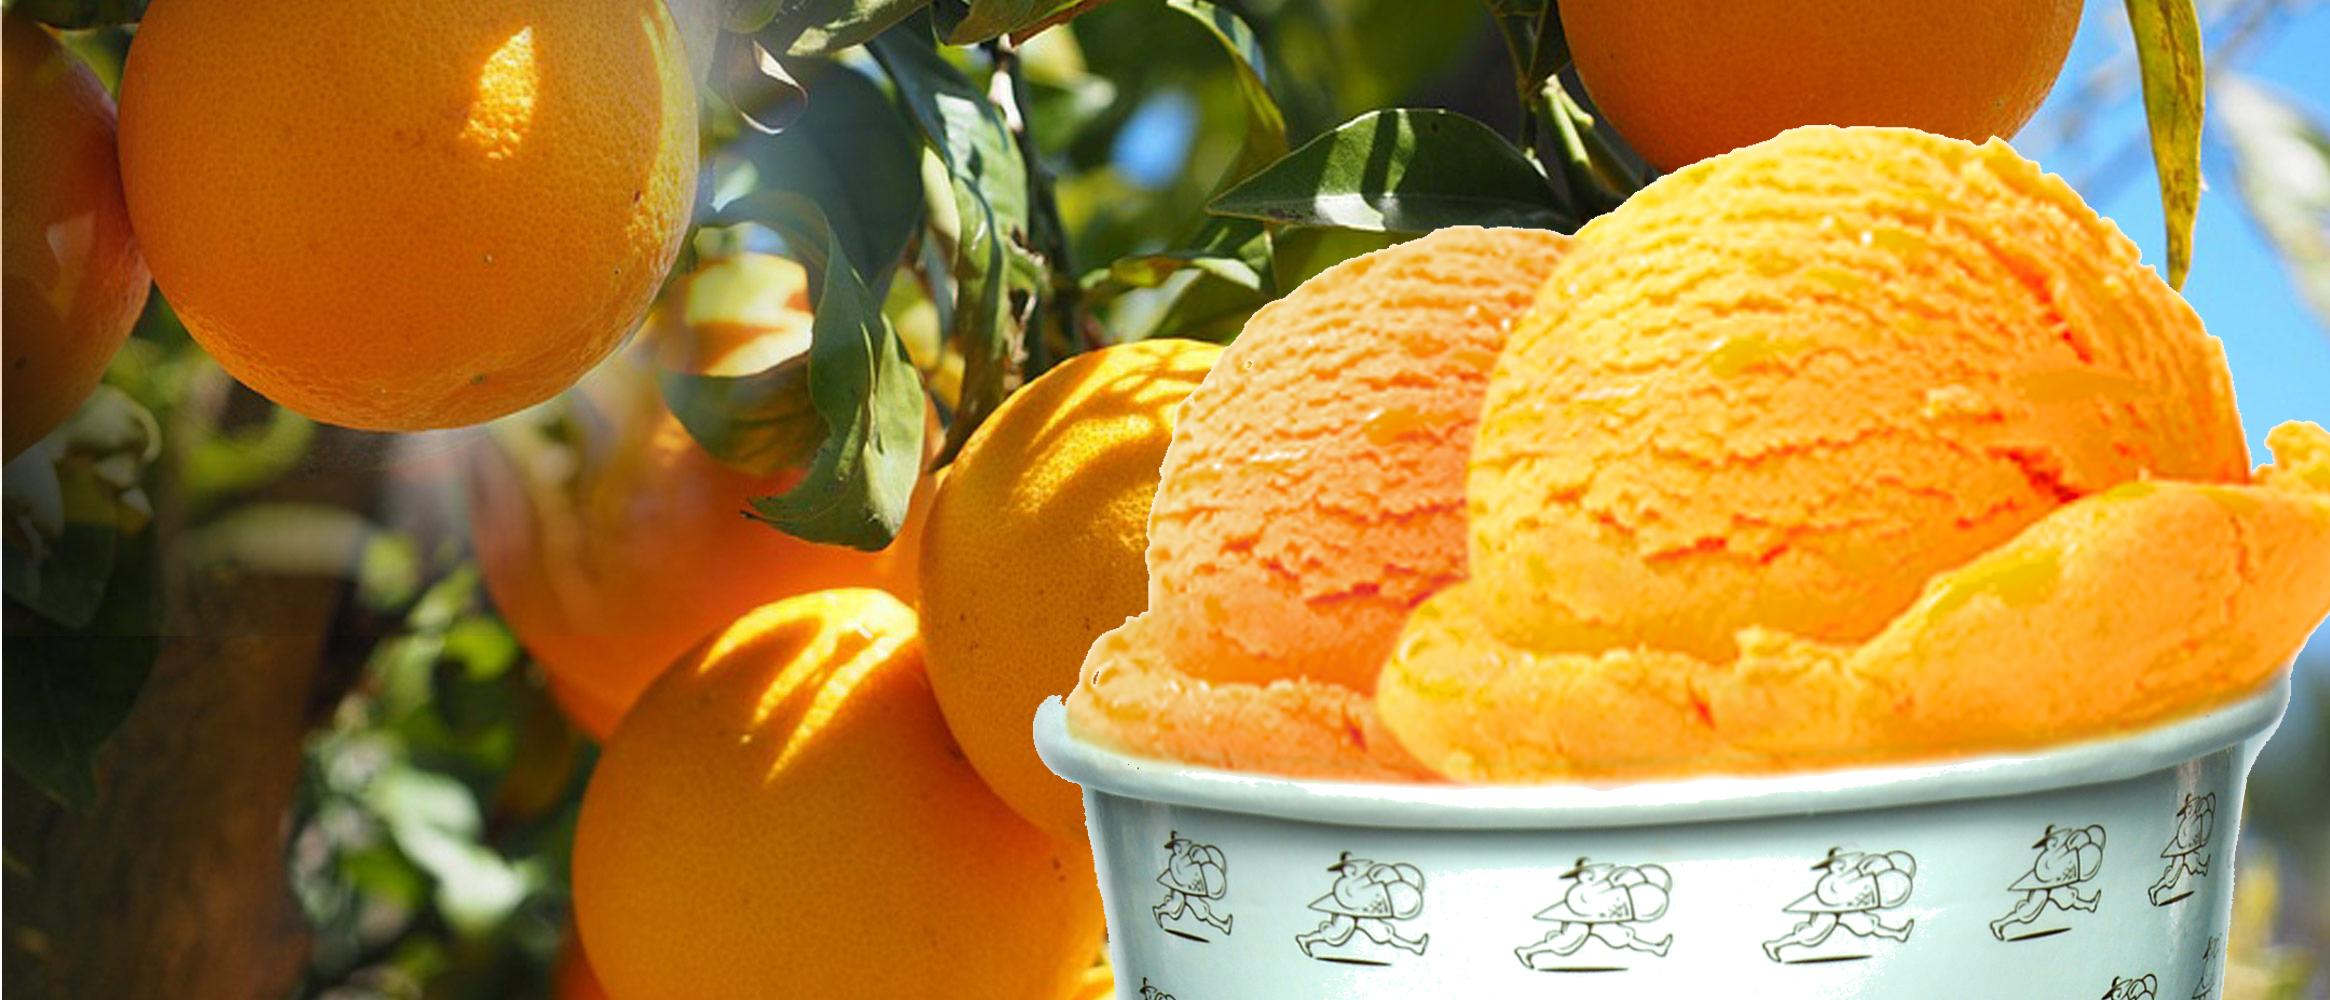 Mit Orangen aus dem Tal von Sóller